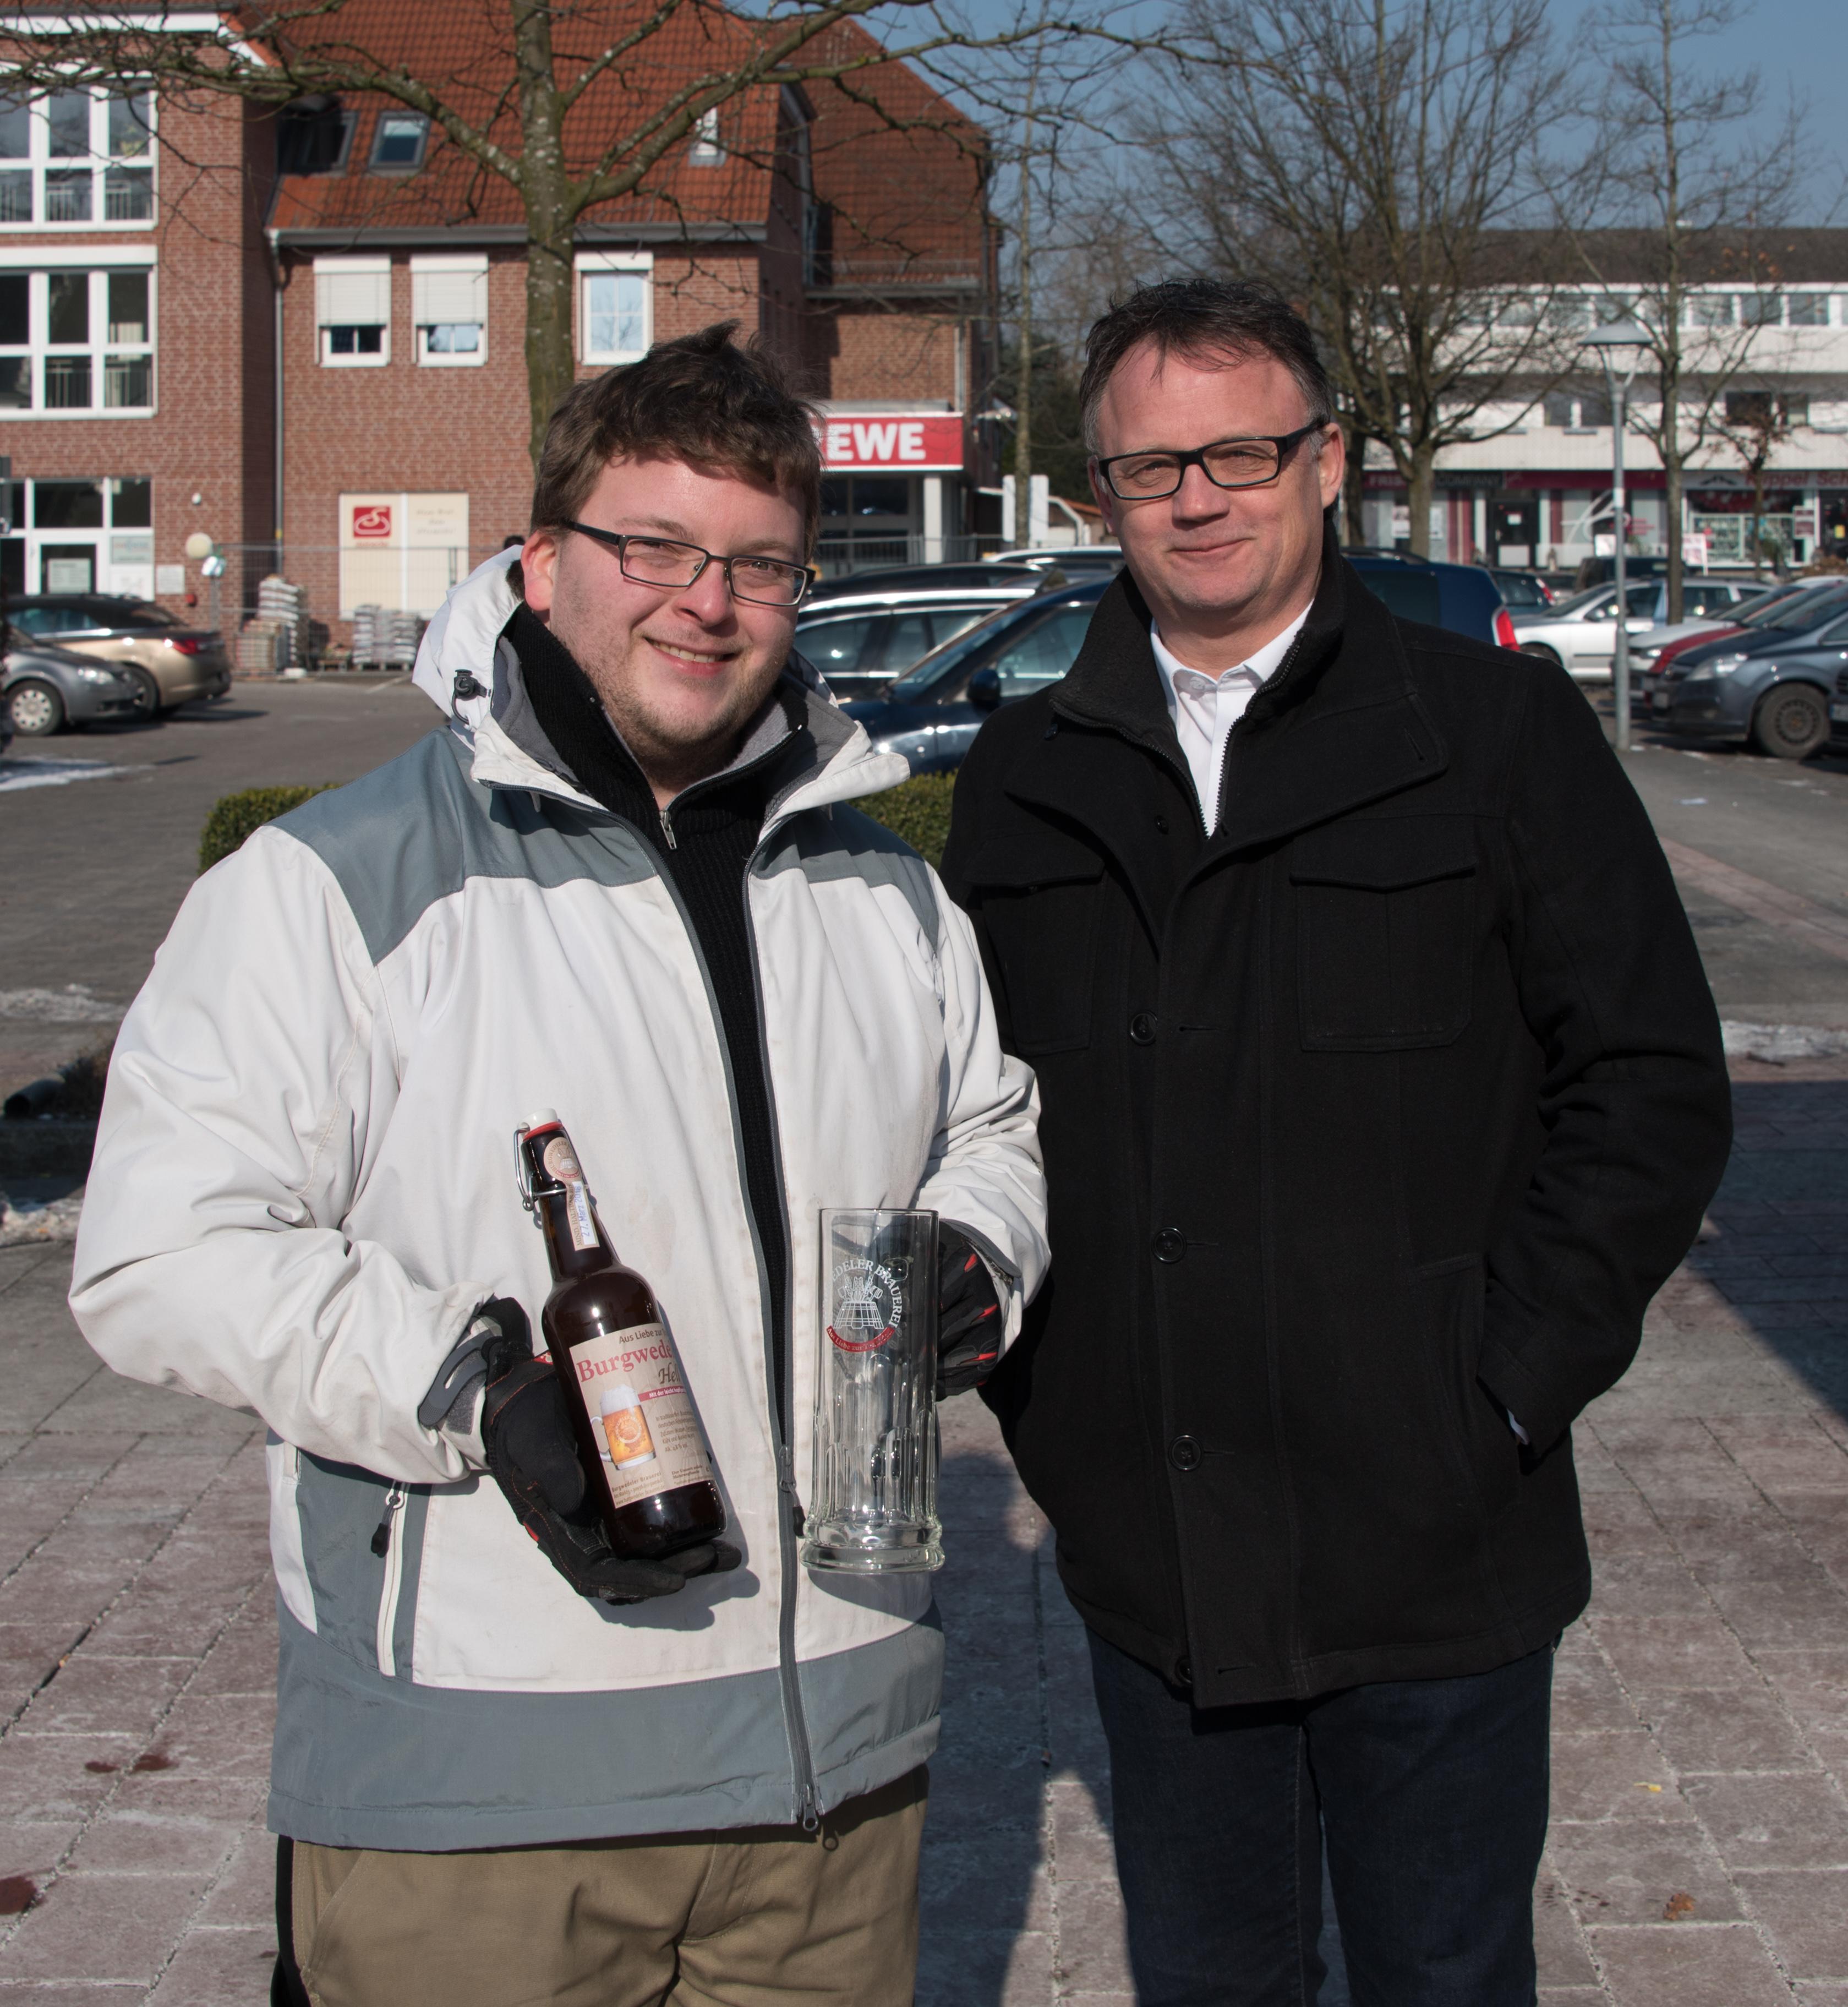 Auf dem Landmarkt: Burgwedeler Bier